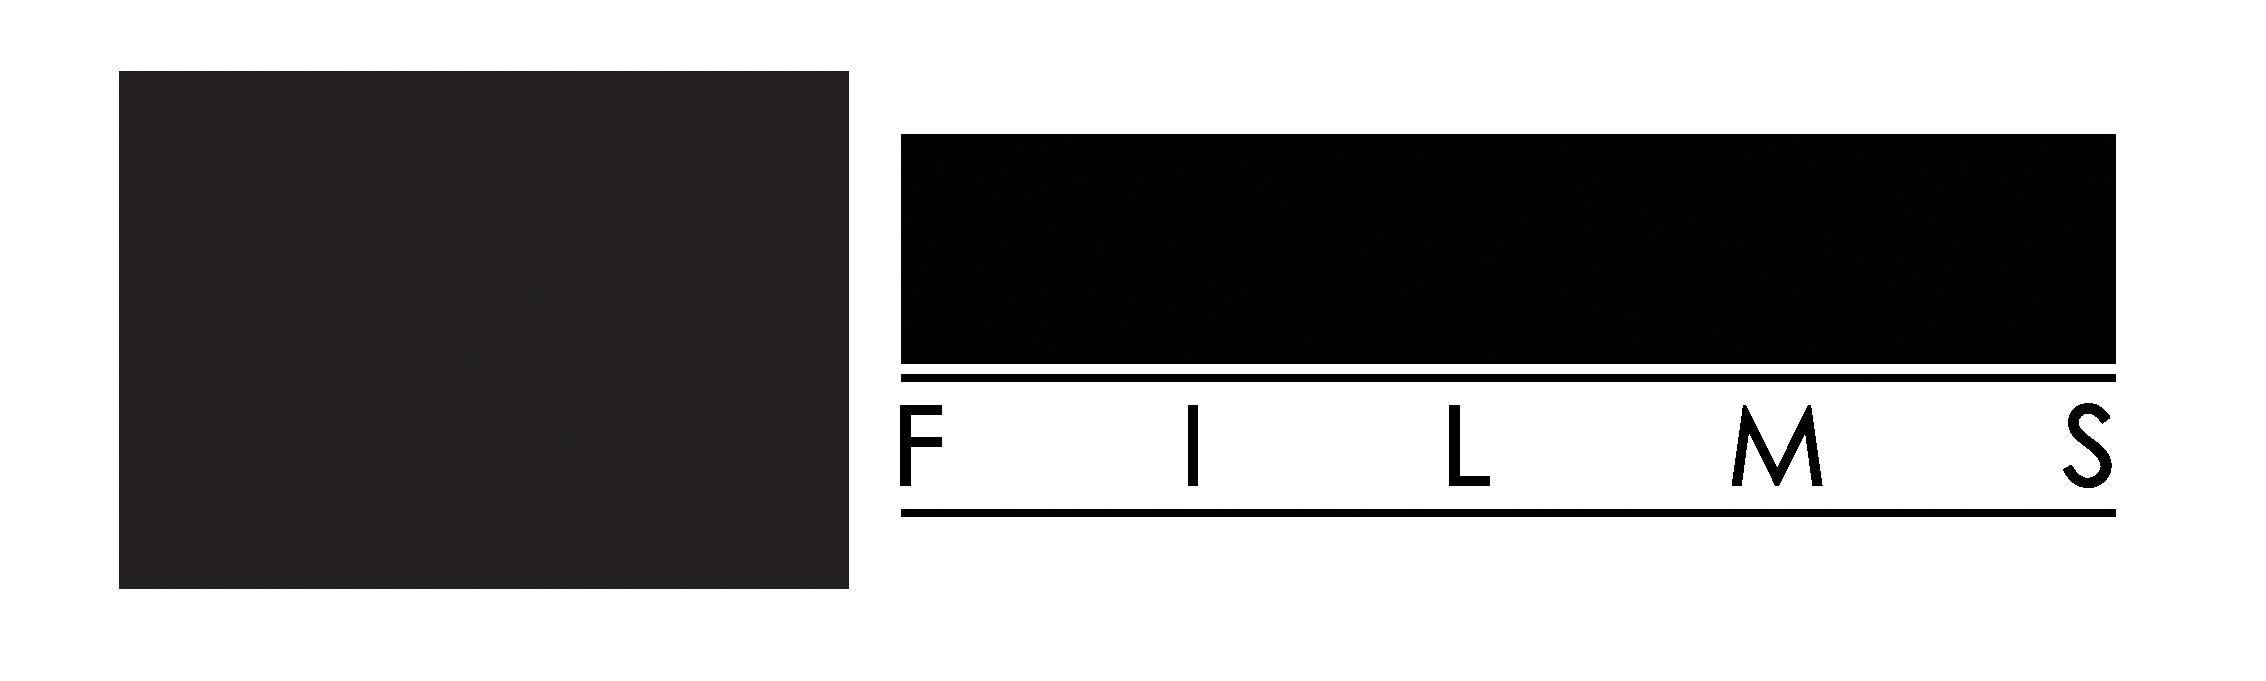 Nahan Culture Media [Shanghai] Co., Ltd.